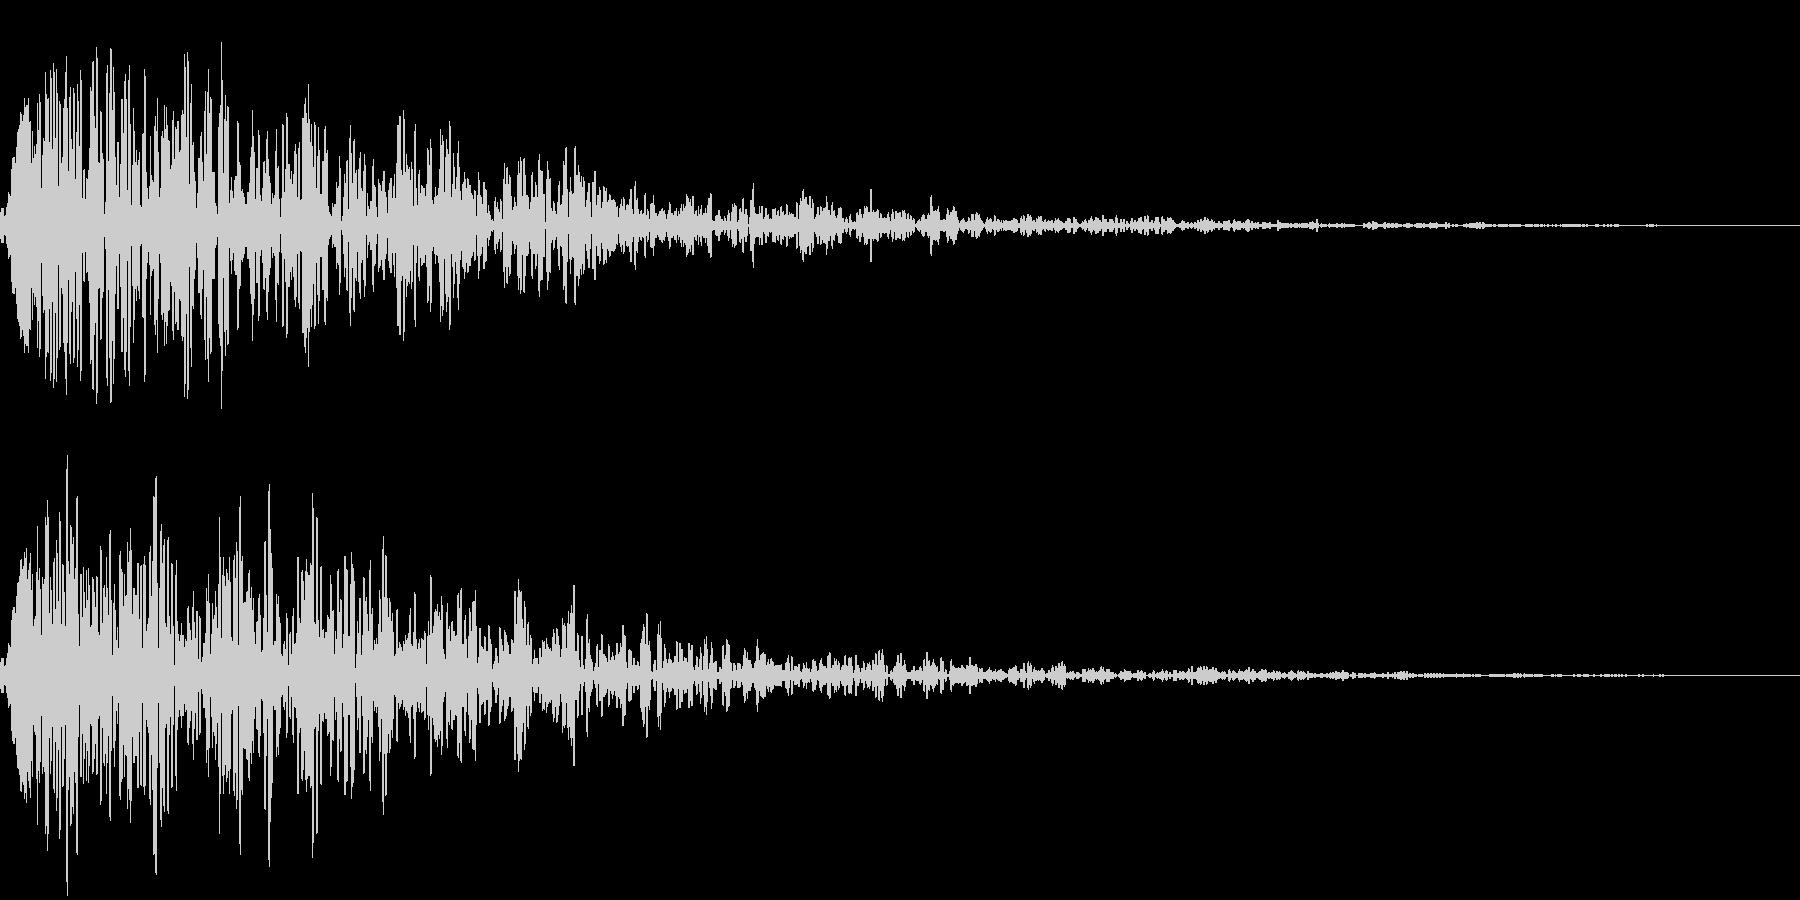 【ドーン】残響の効いたインパクト音の未再生の波形